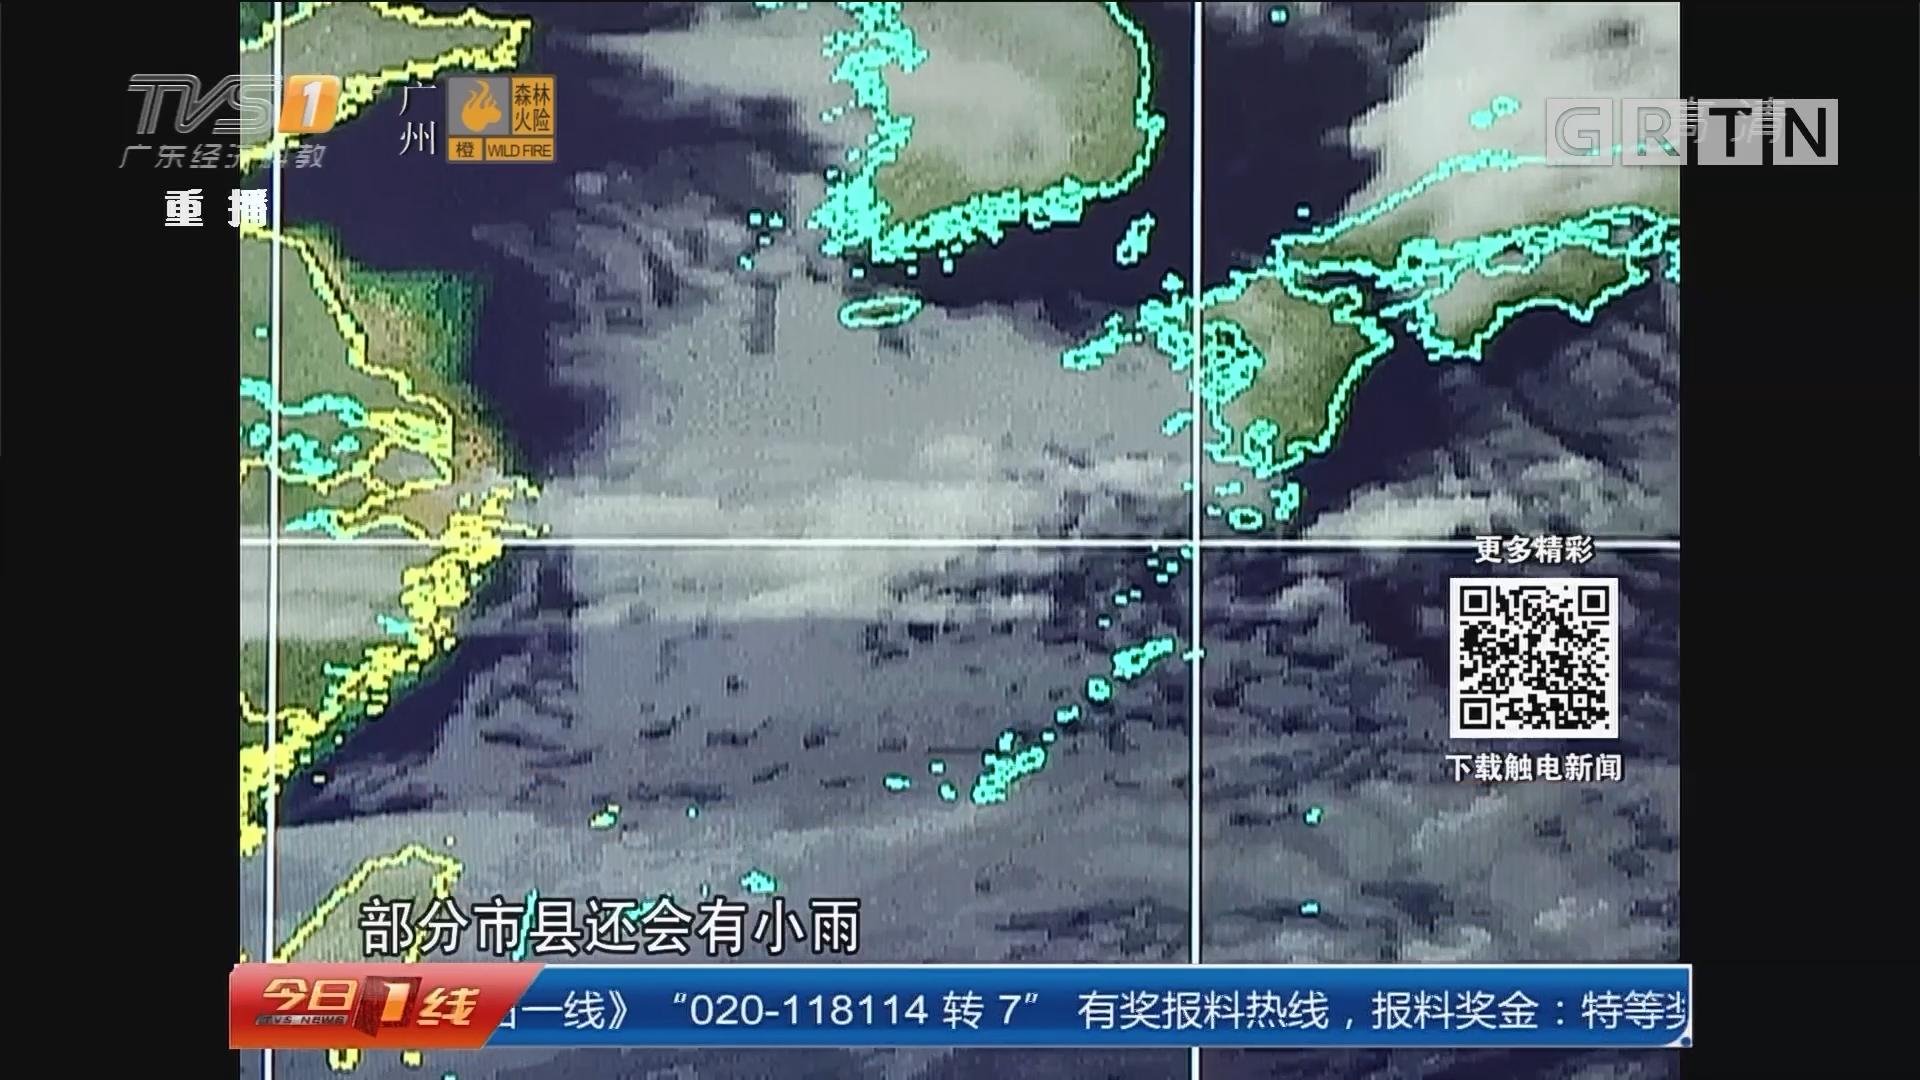 受冷空气影响 粤北最低温将降至5℃